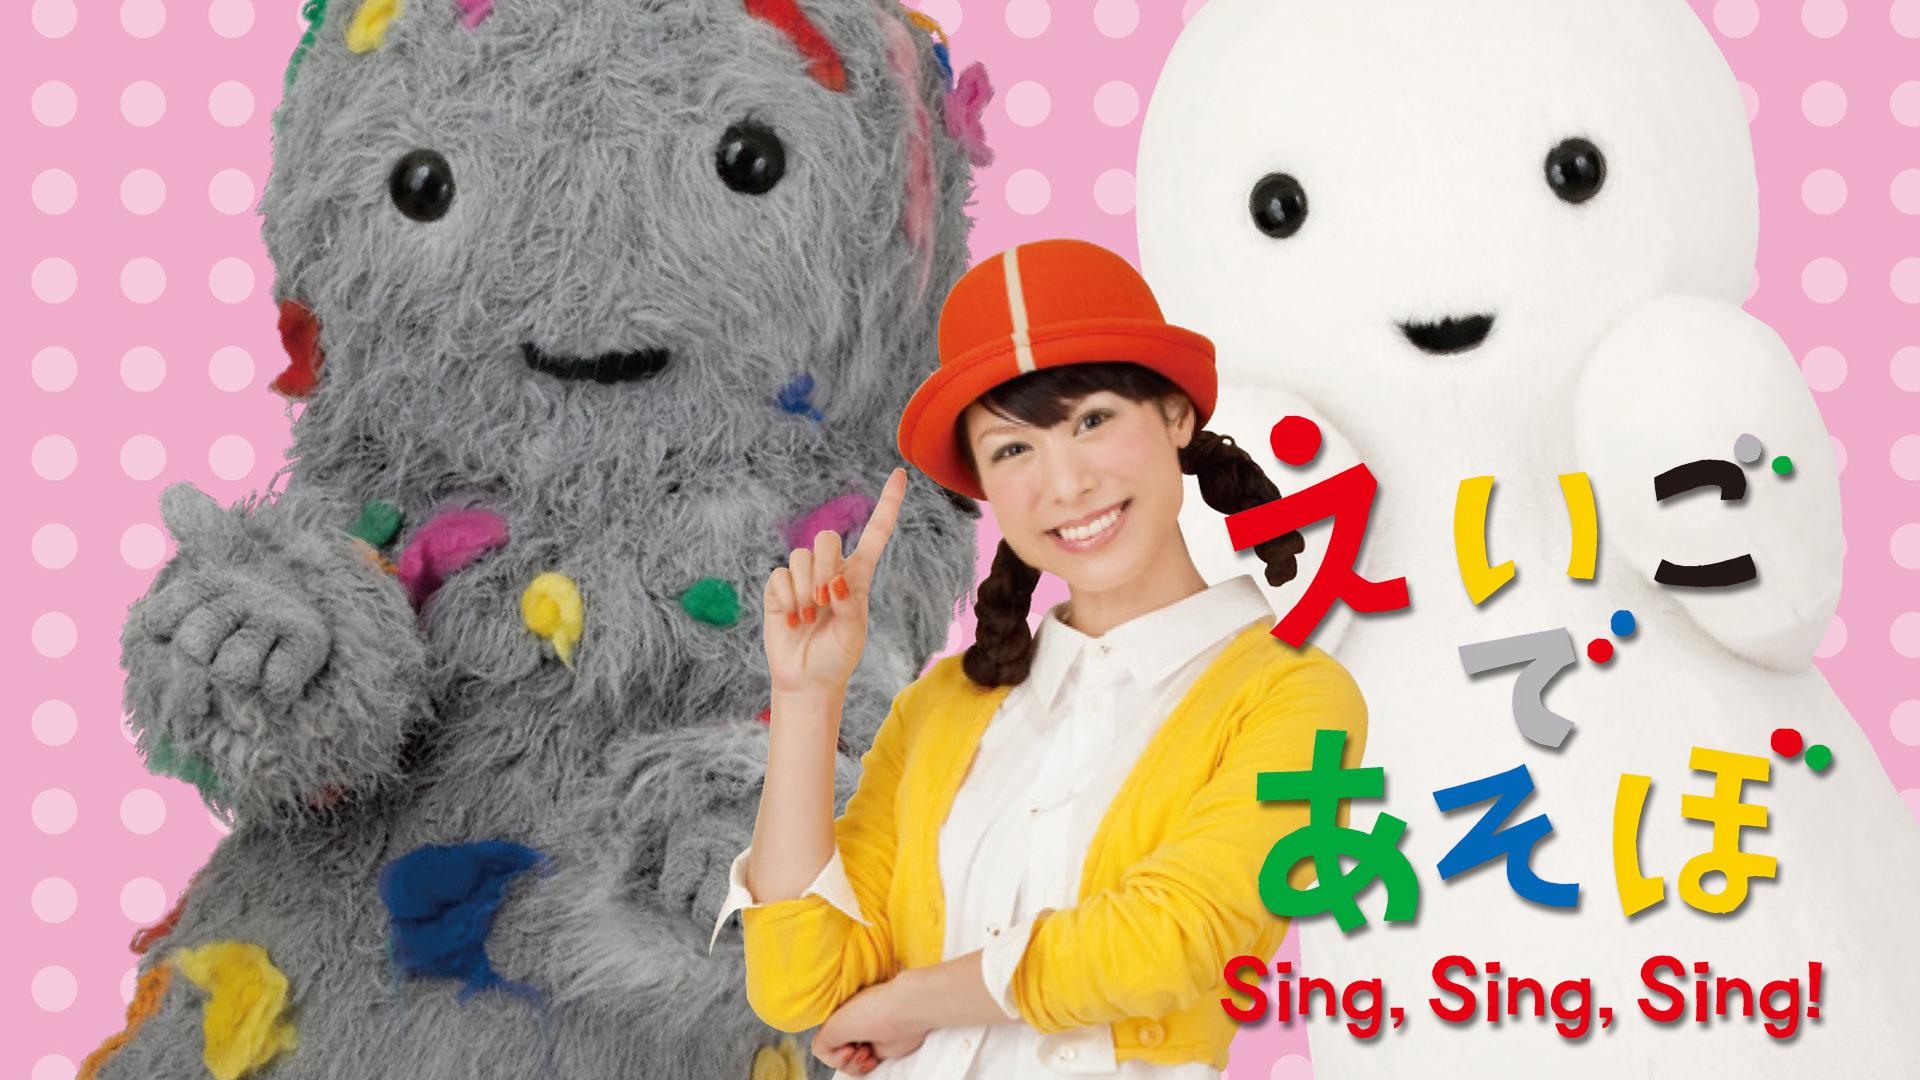 えいごであそぼ Sing, Sing, Sing!